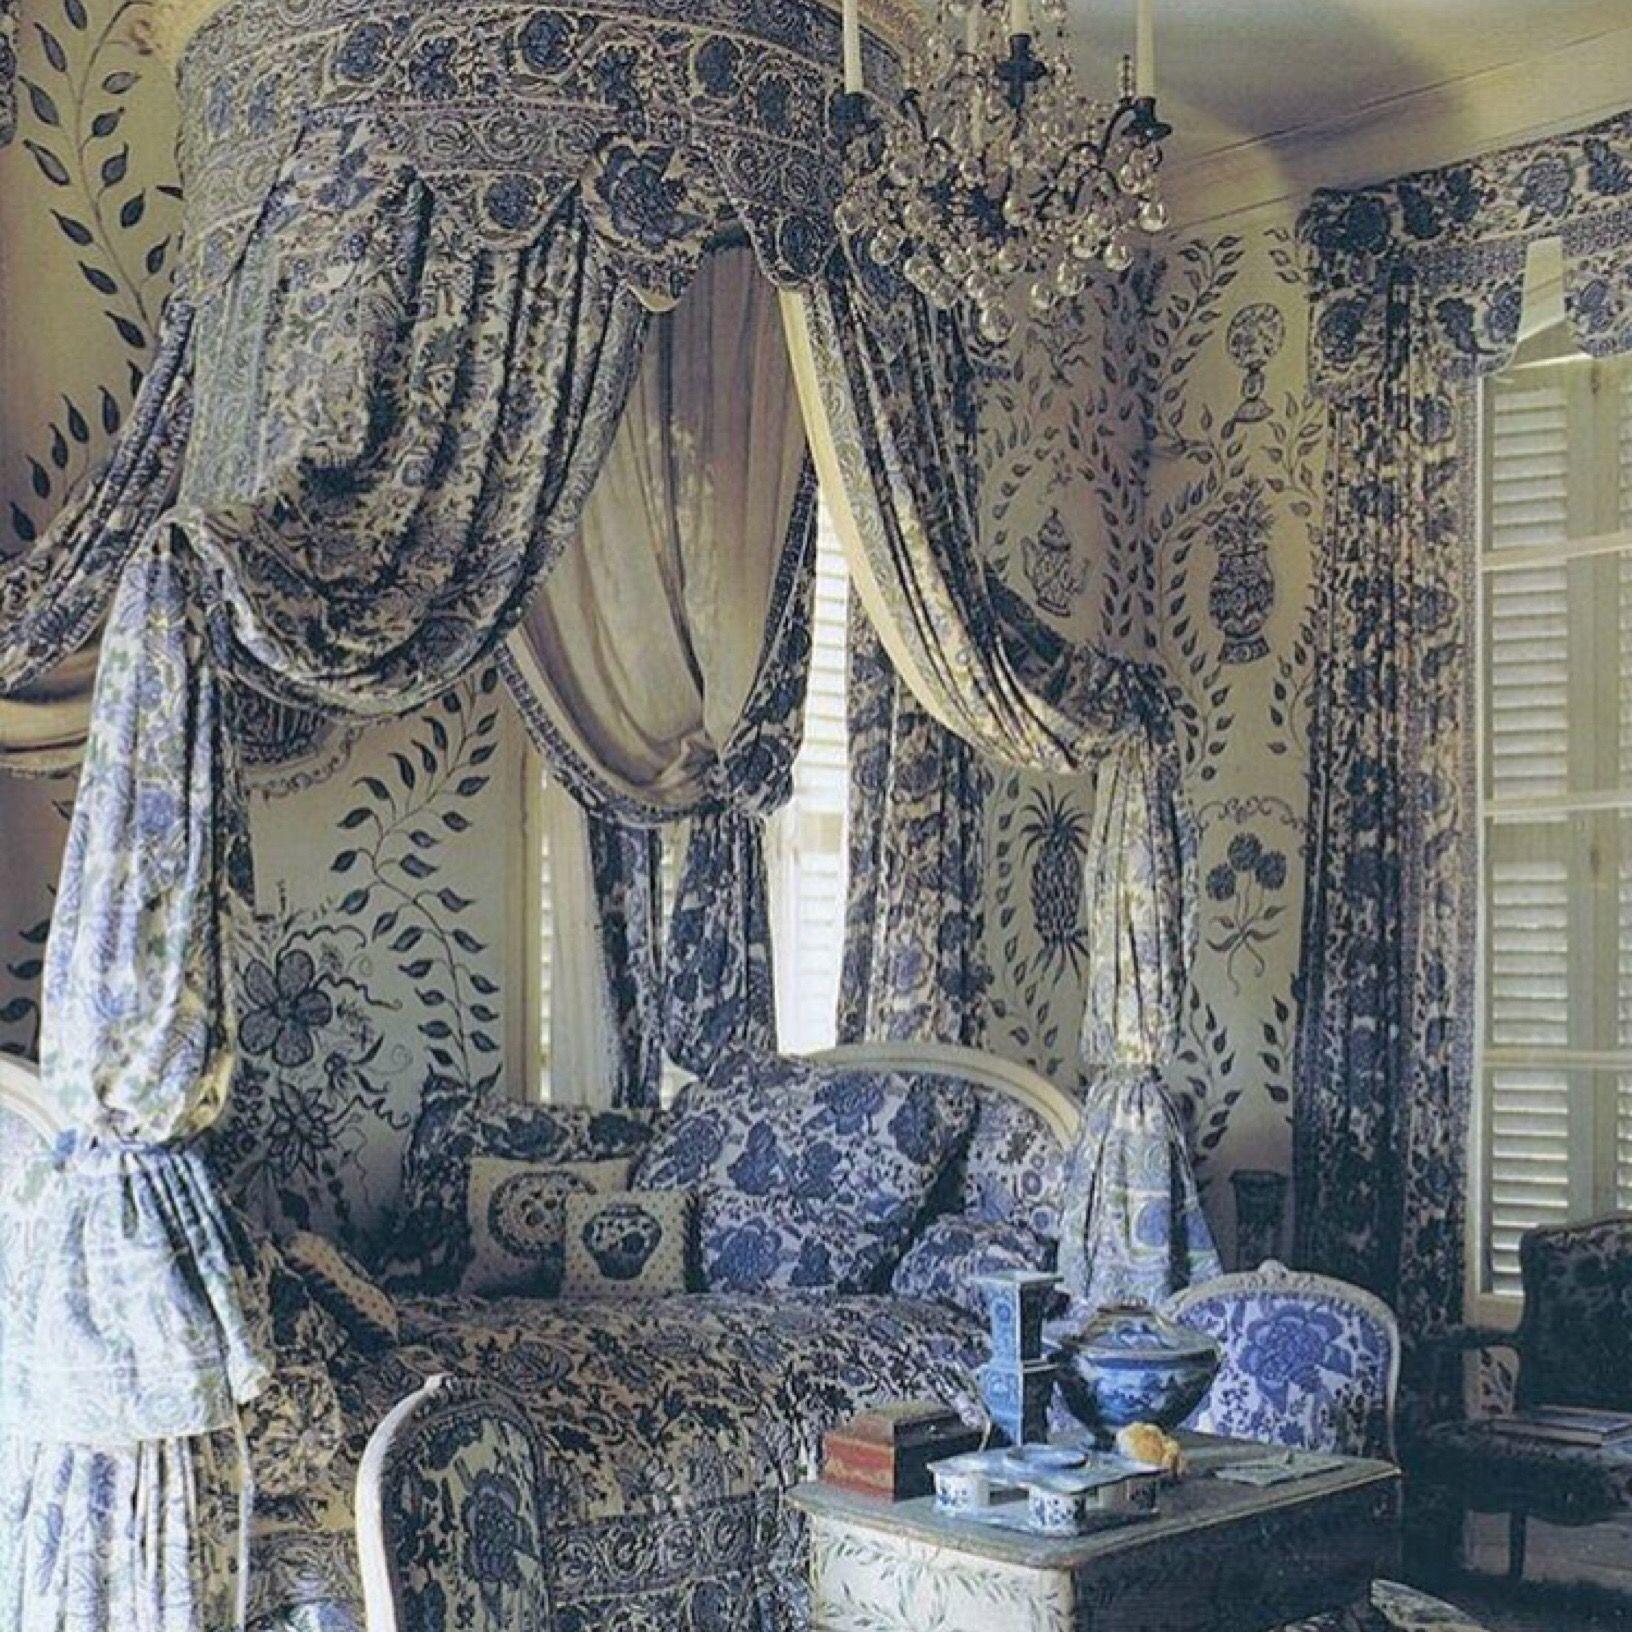 Schlafzimmer Blau Weiß. Pin Von Piedad Eugenia Sepulveda Lara Auf Deco Azul  Pinterest